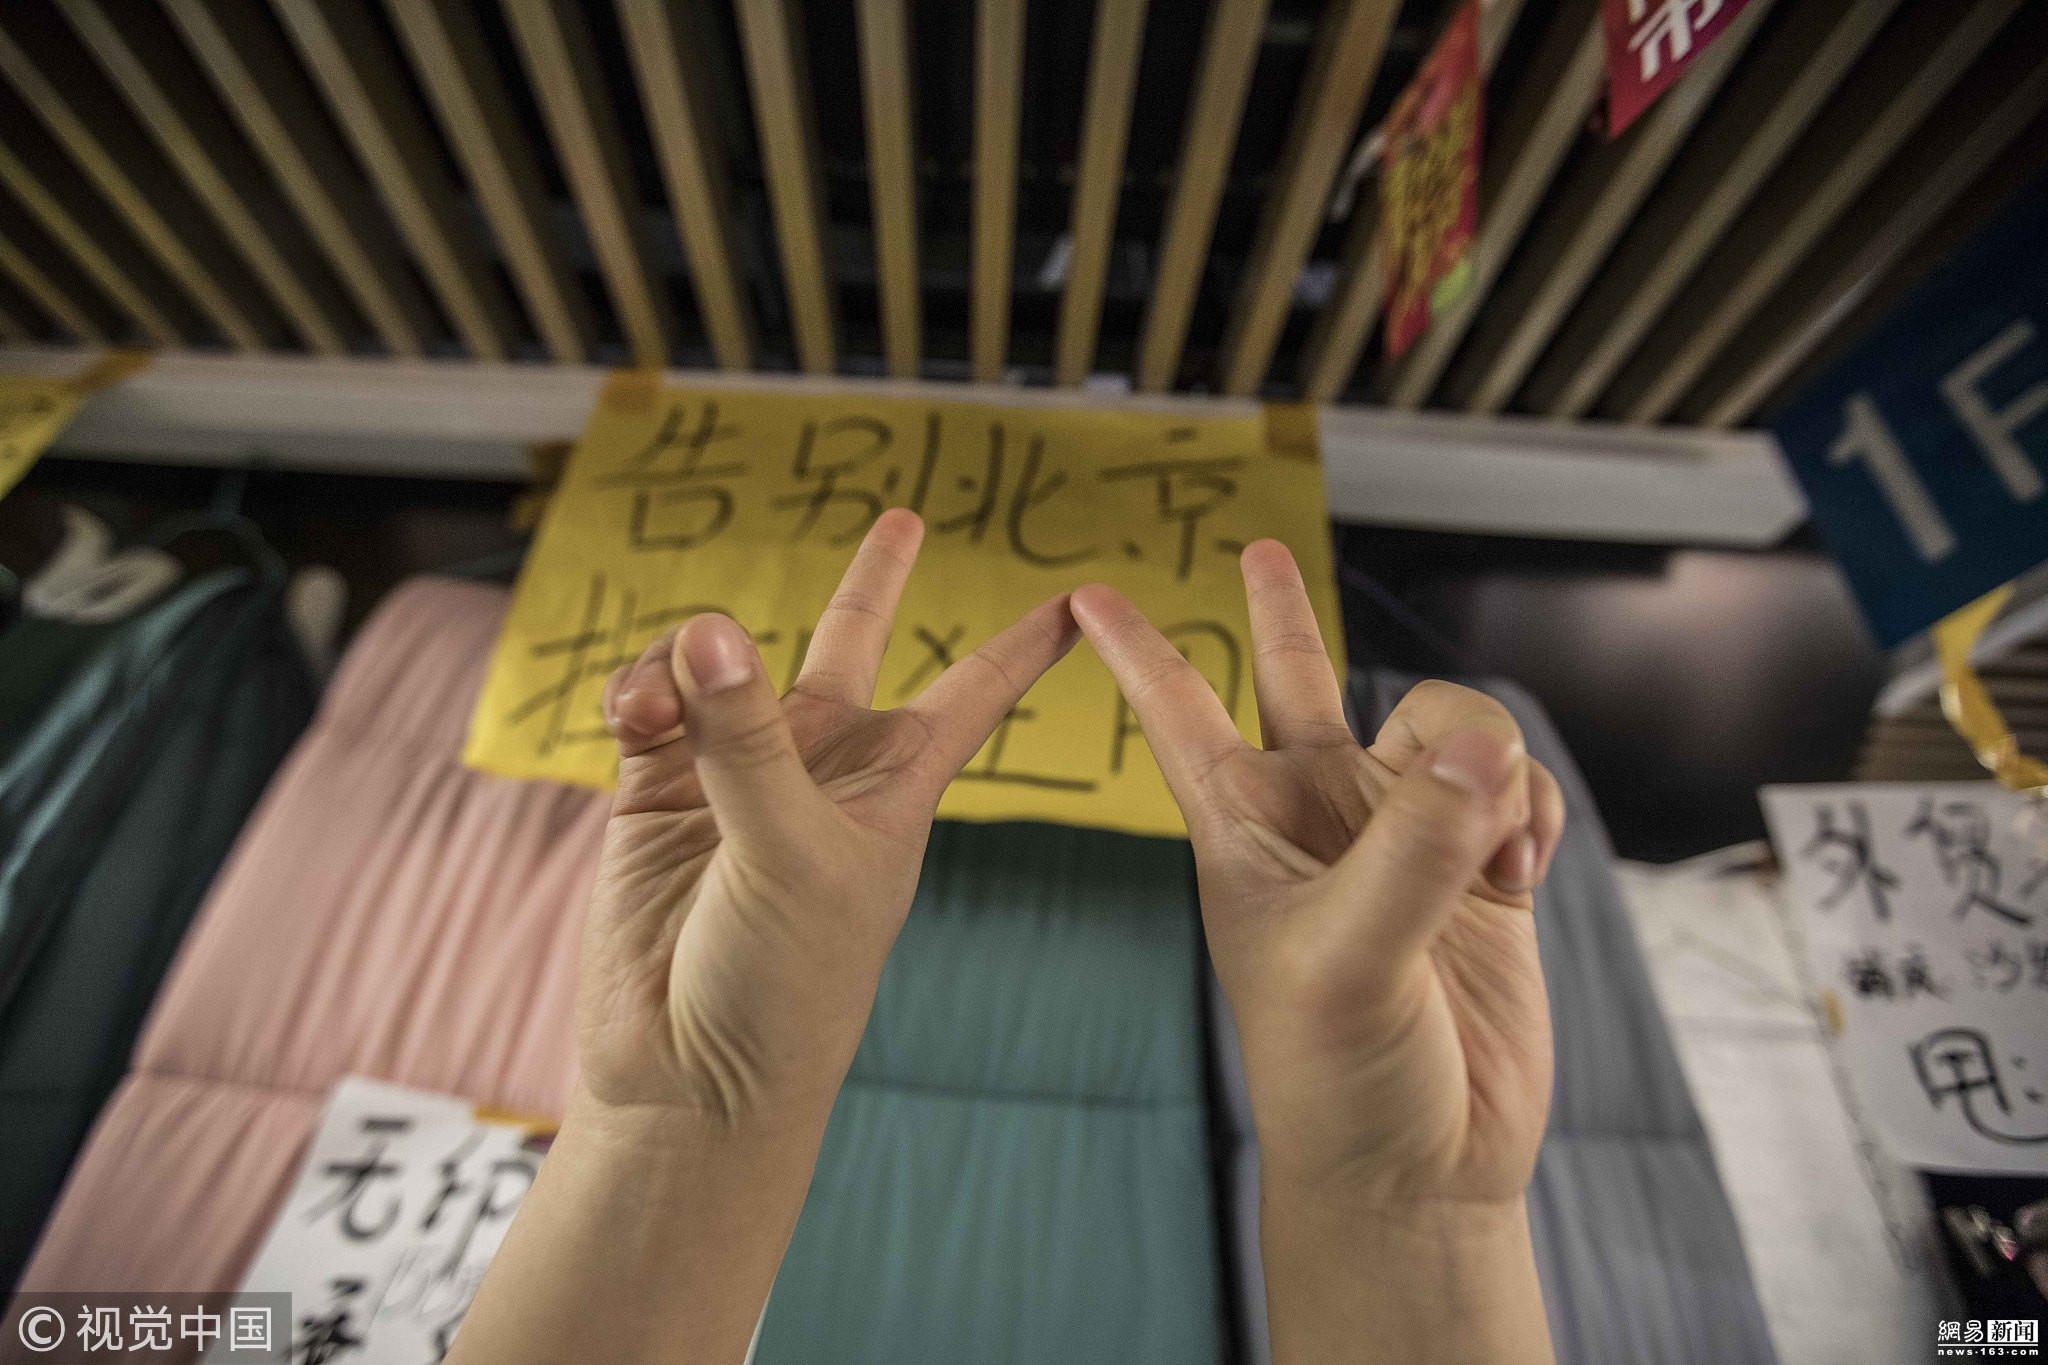 北京动批天和白马市场将闭市 商家狂甩 - 【医药前沿】的网易博客